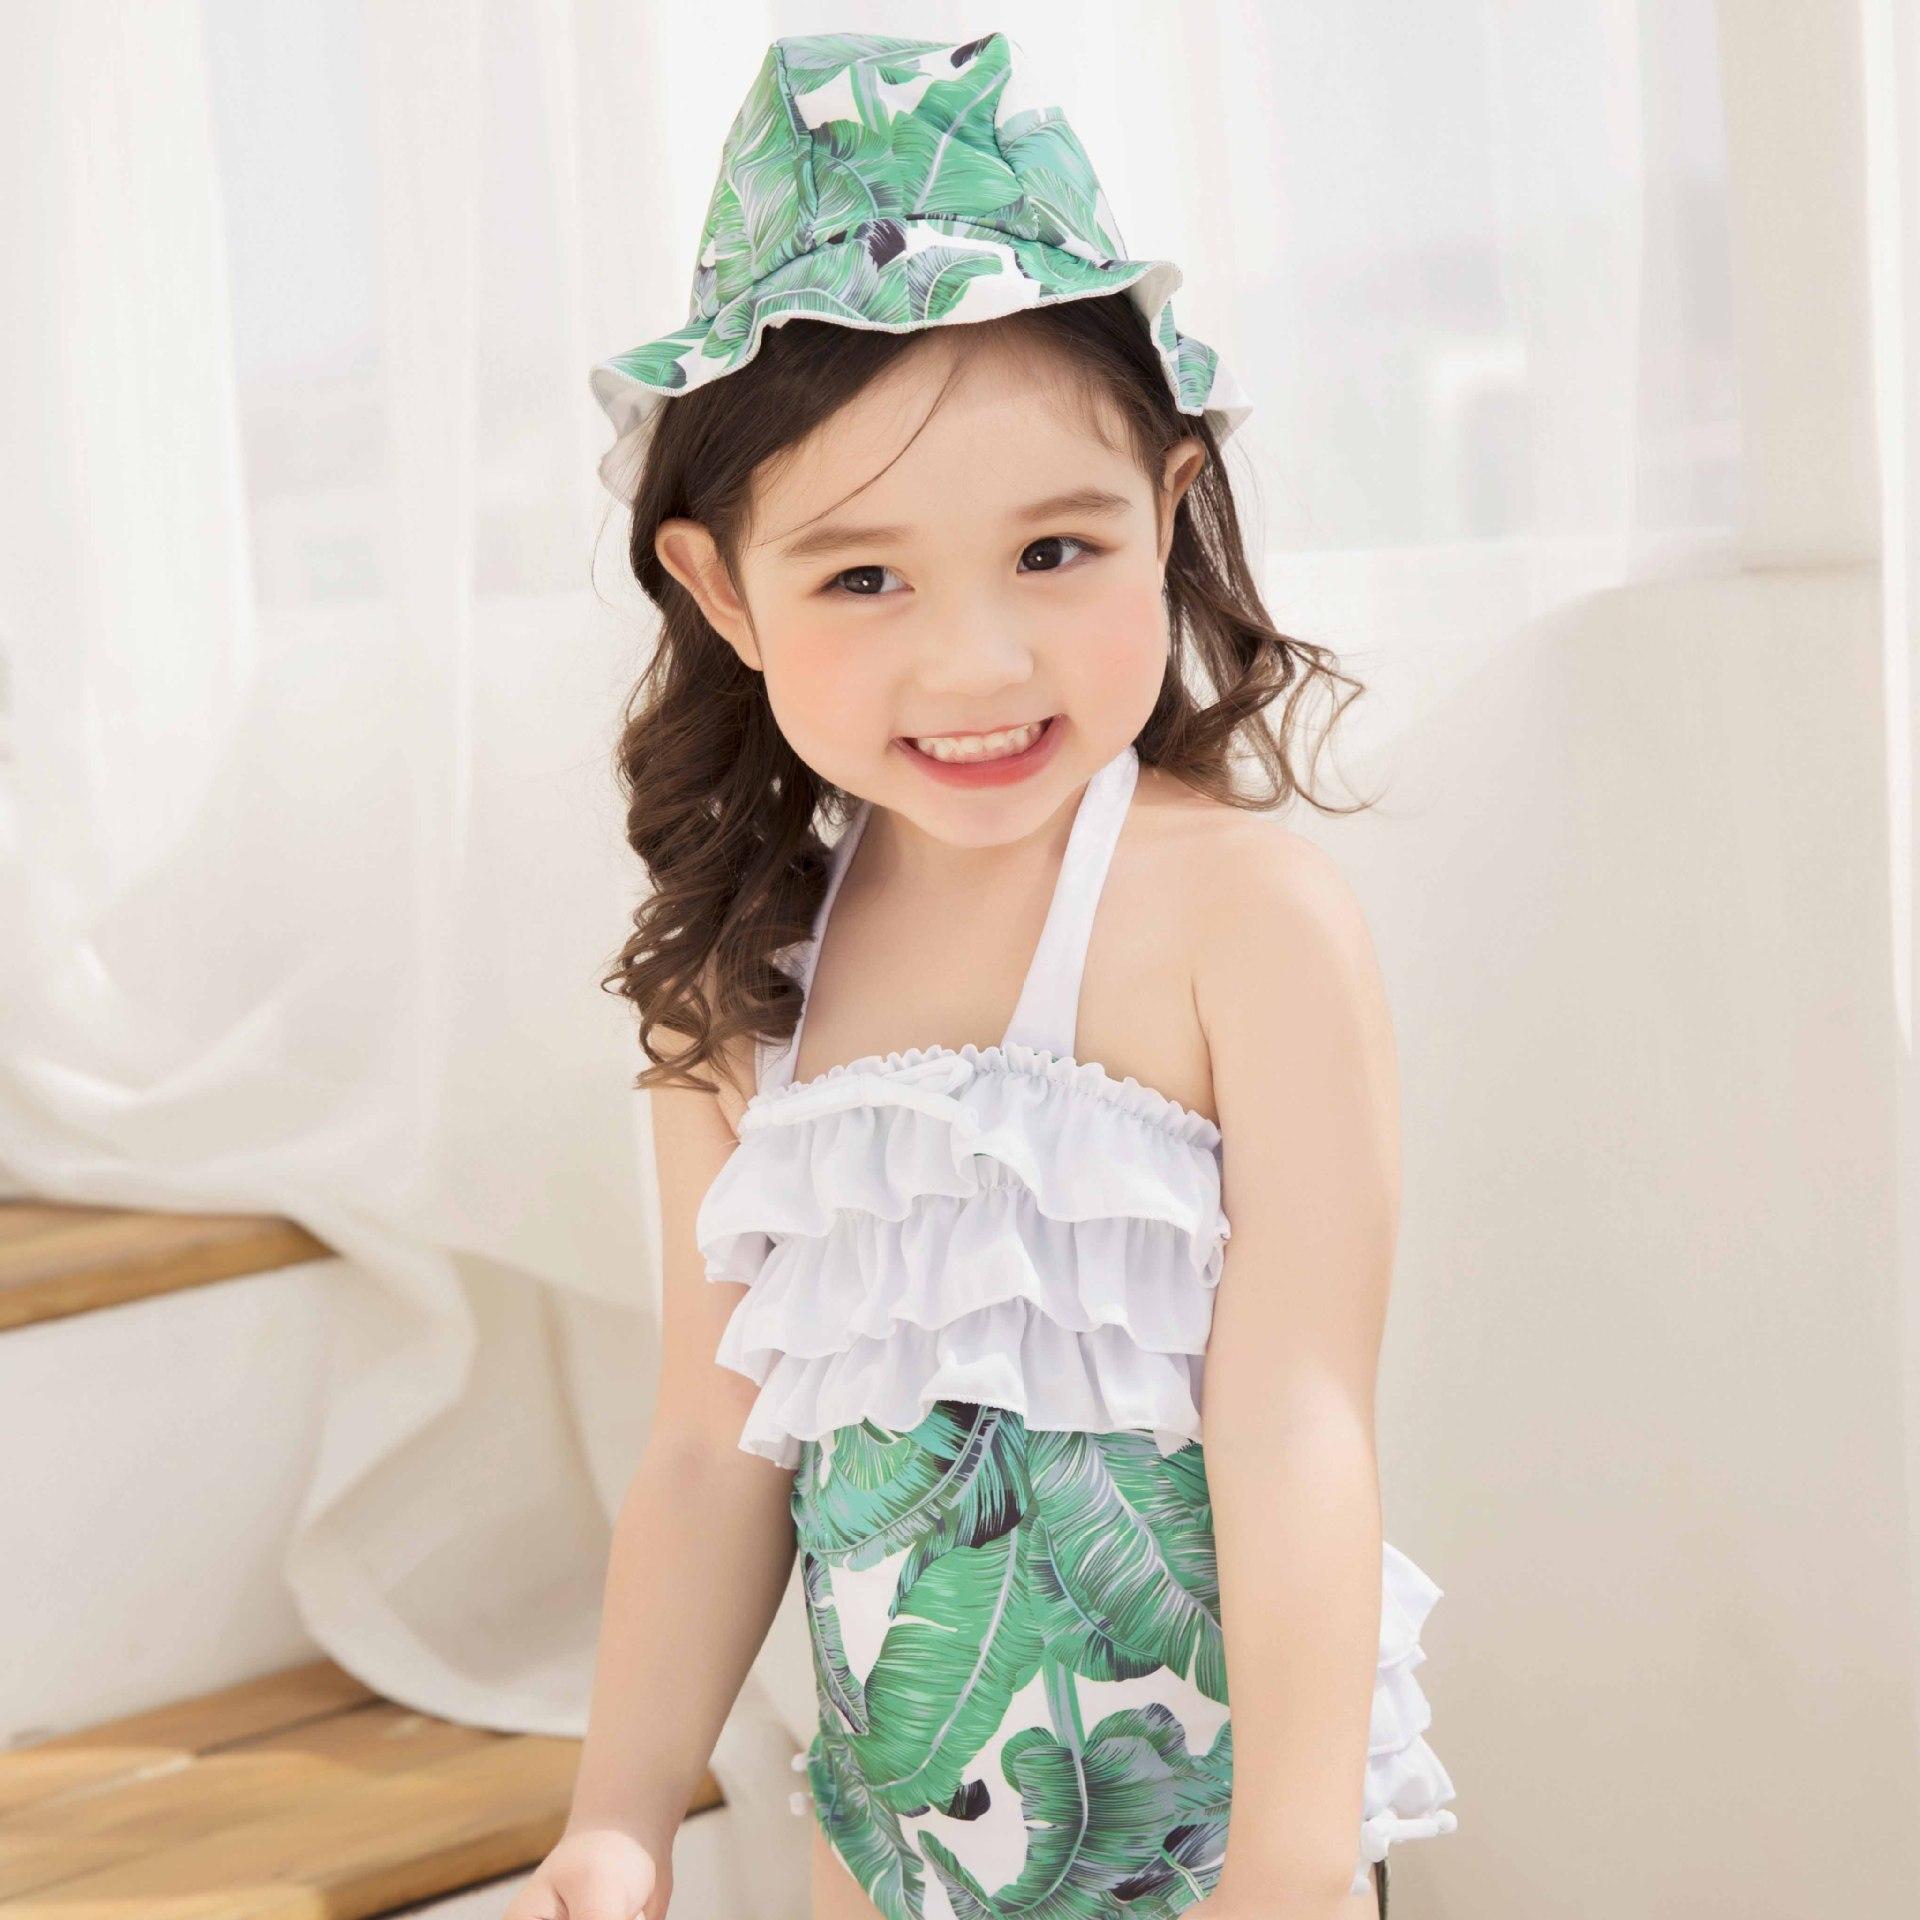 KID'S Swimwear Printed Girls With Hat One-piece Swimming Suit Retro Children Baby Swim Bathing Suit Triangular Hot Springs Swimw